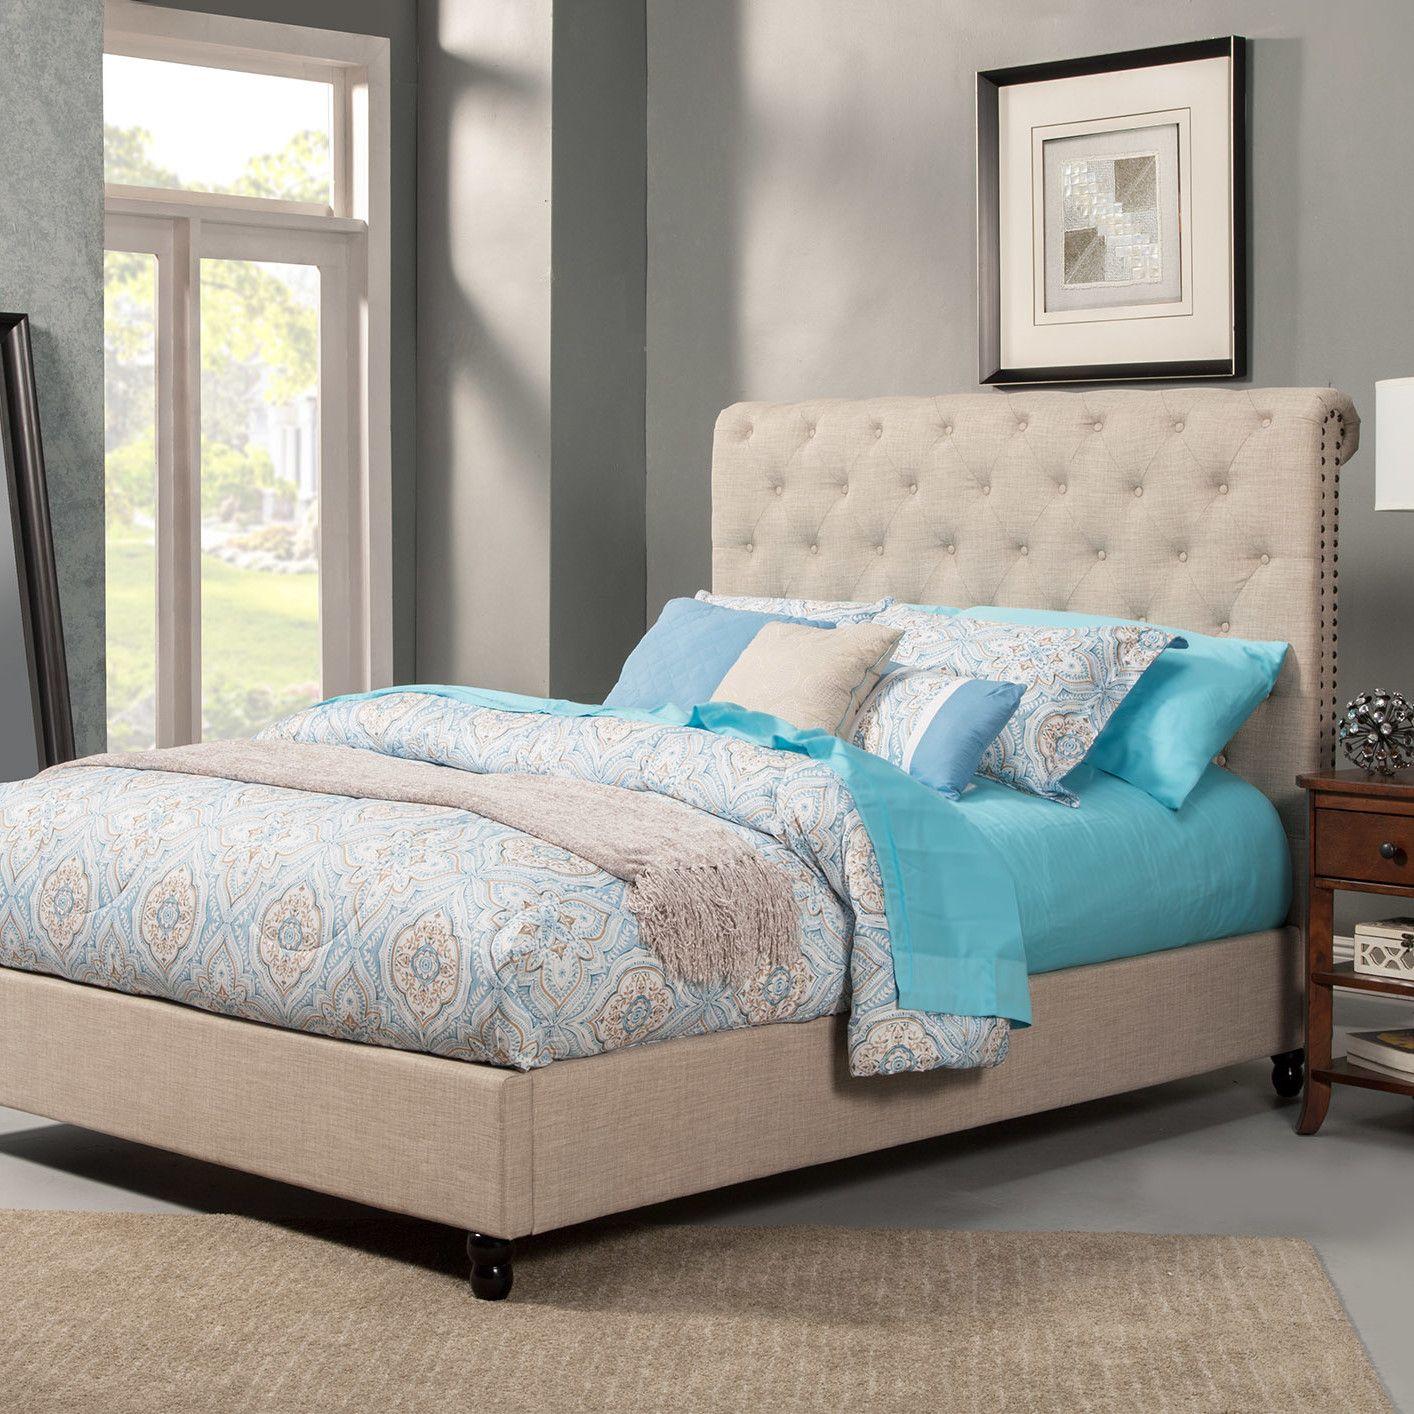 Earlston Upholstered Standard Bed Upholstered platform